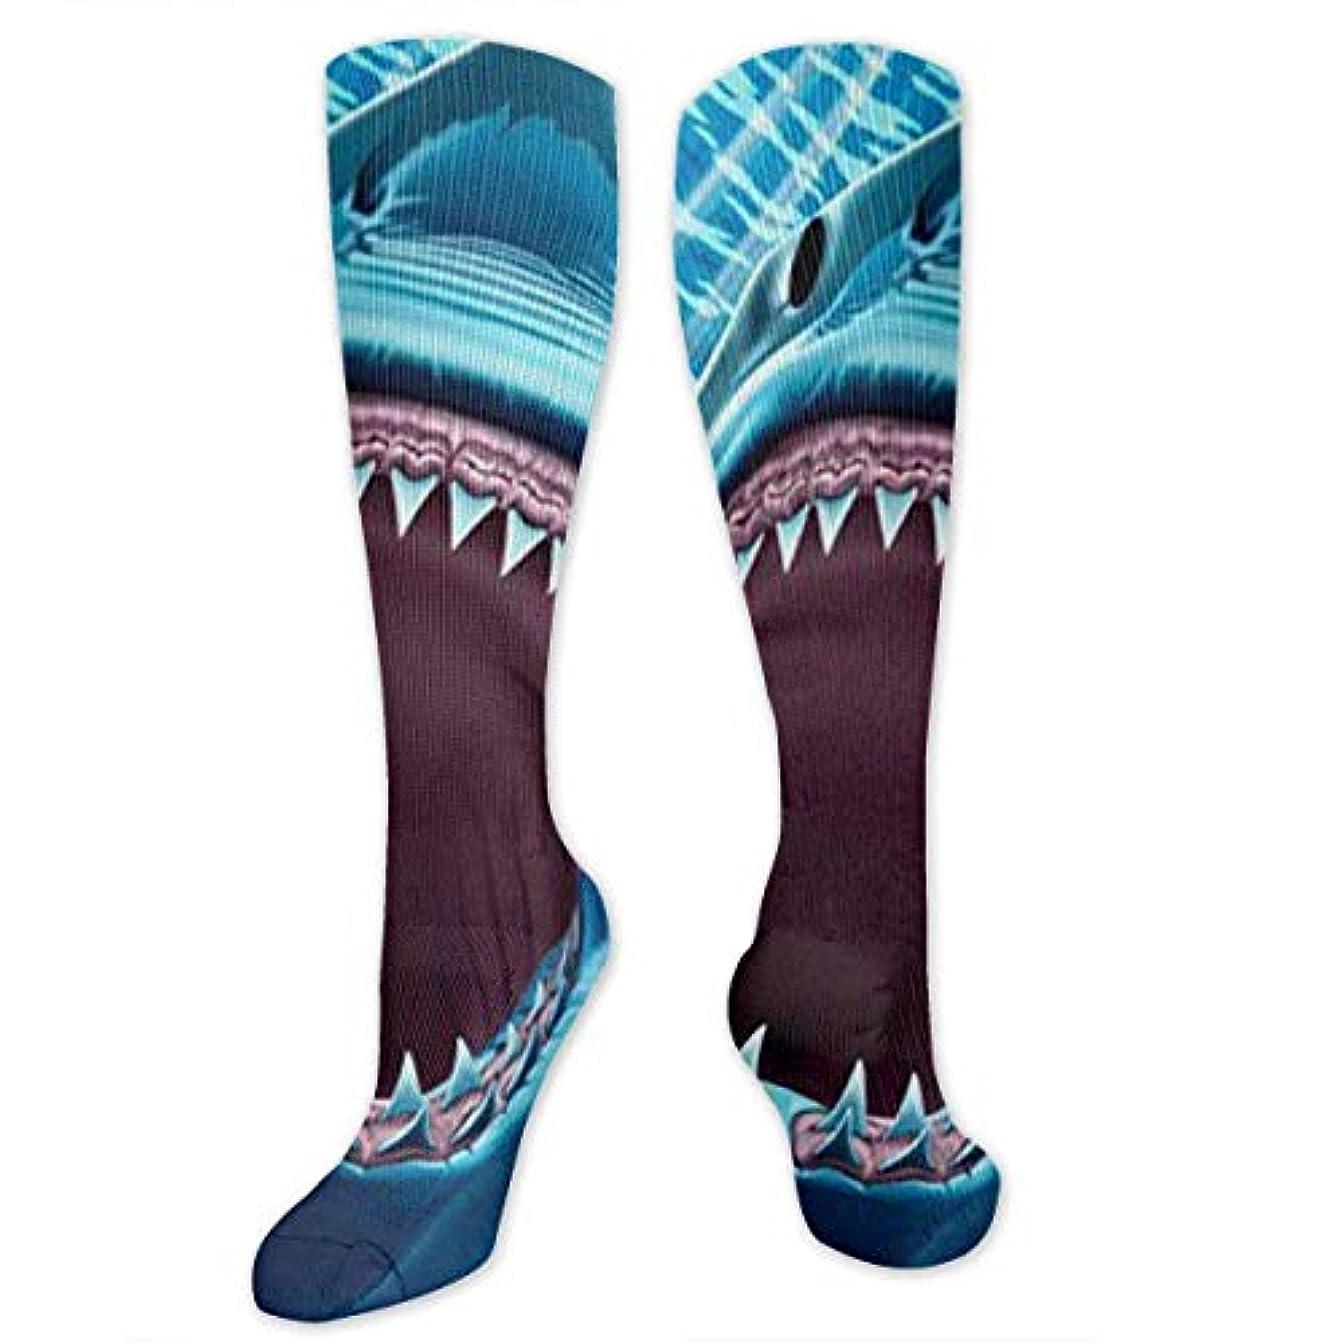 柔和マーティフィールディングティーンエイジャーQRRIYノベルティデザインクルーソックス、グレートホワイトサメの歯、クリスマス休暇クレイジー楽しいカラフルなファンシーソックス、冬暖かいストレッチクルーソックス